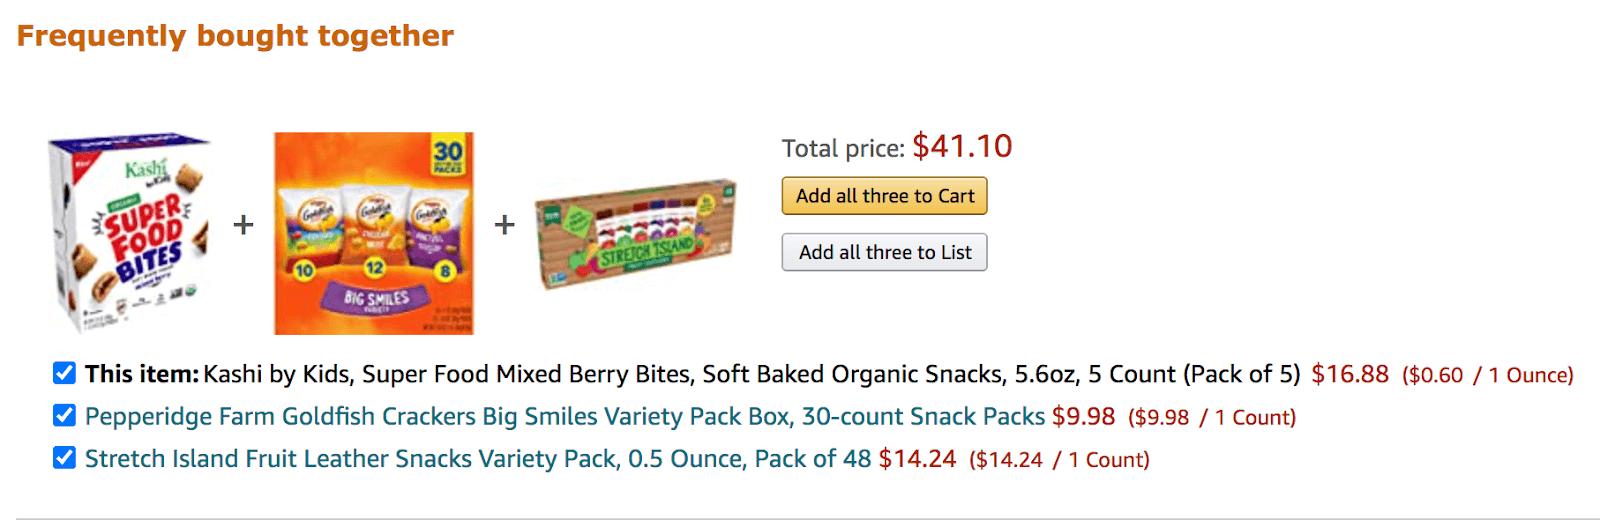 Amazon product bundling recipe